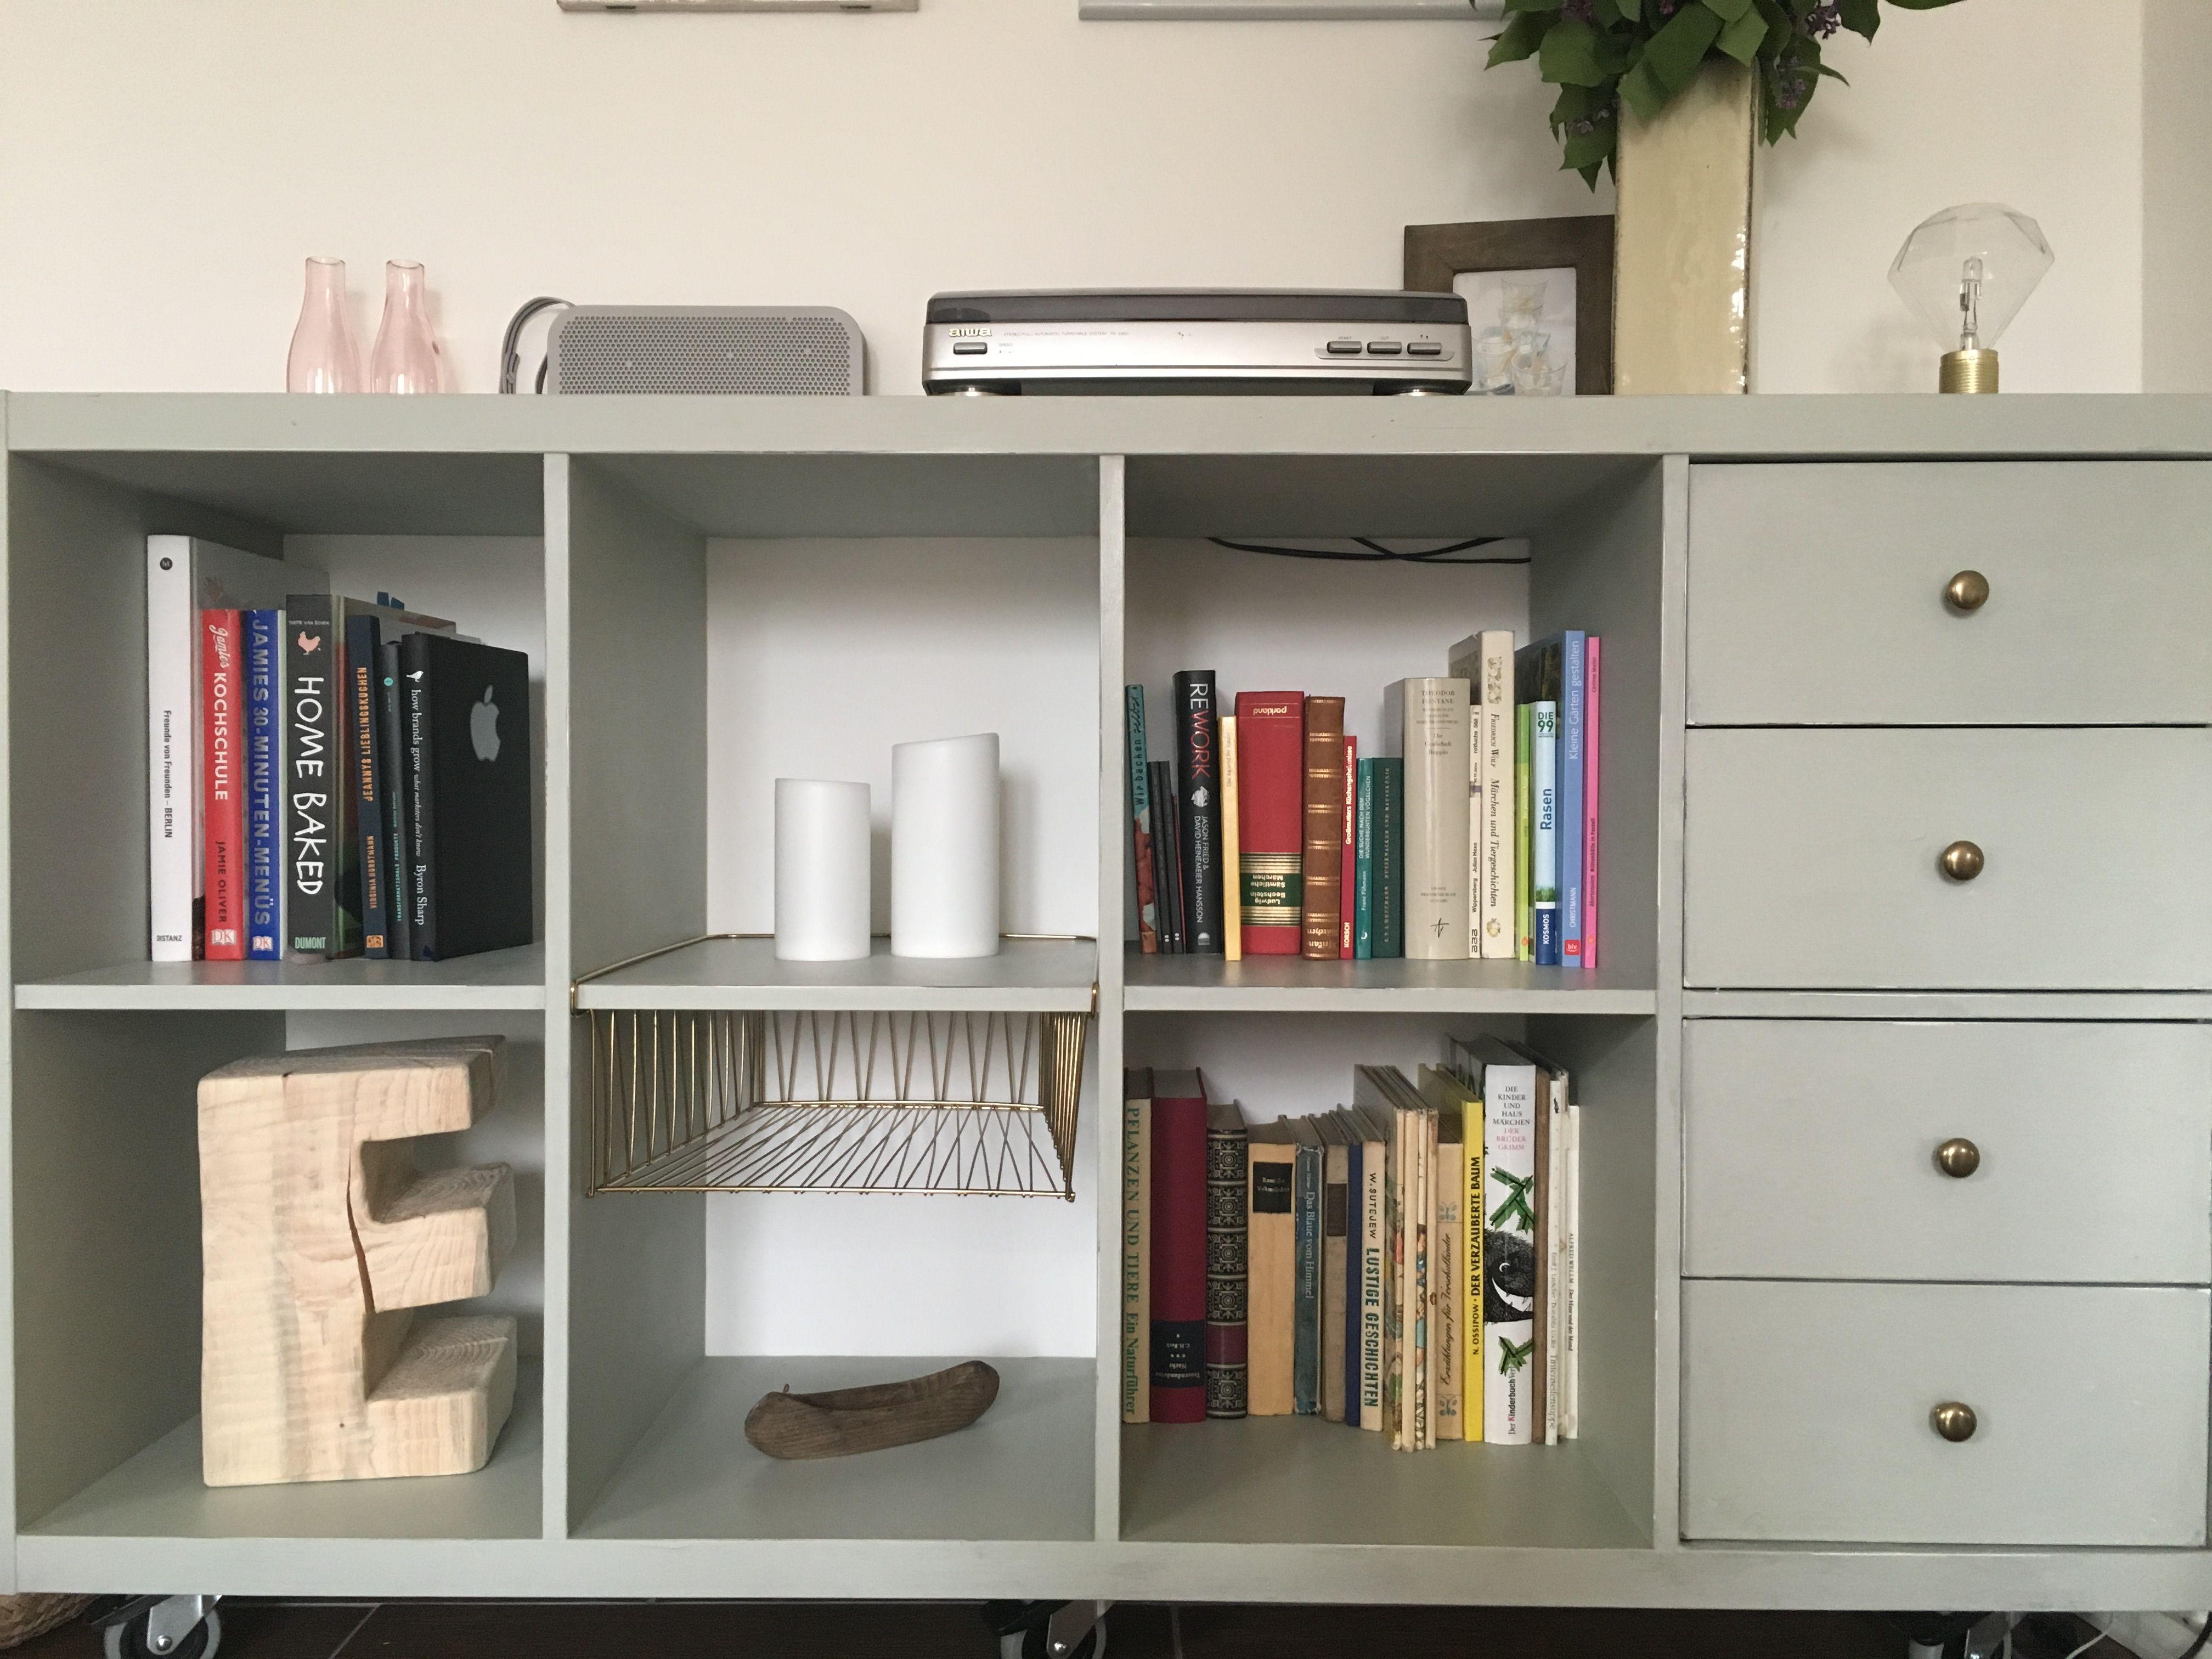 Ausgezeichnet Küchenwandschränke Ikea Uk Bilder - Küchenschrank ...